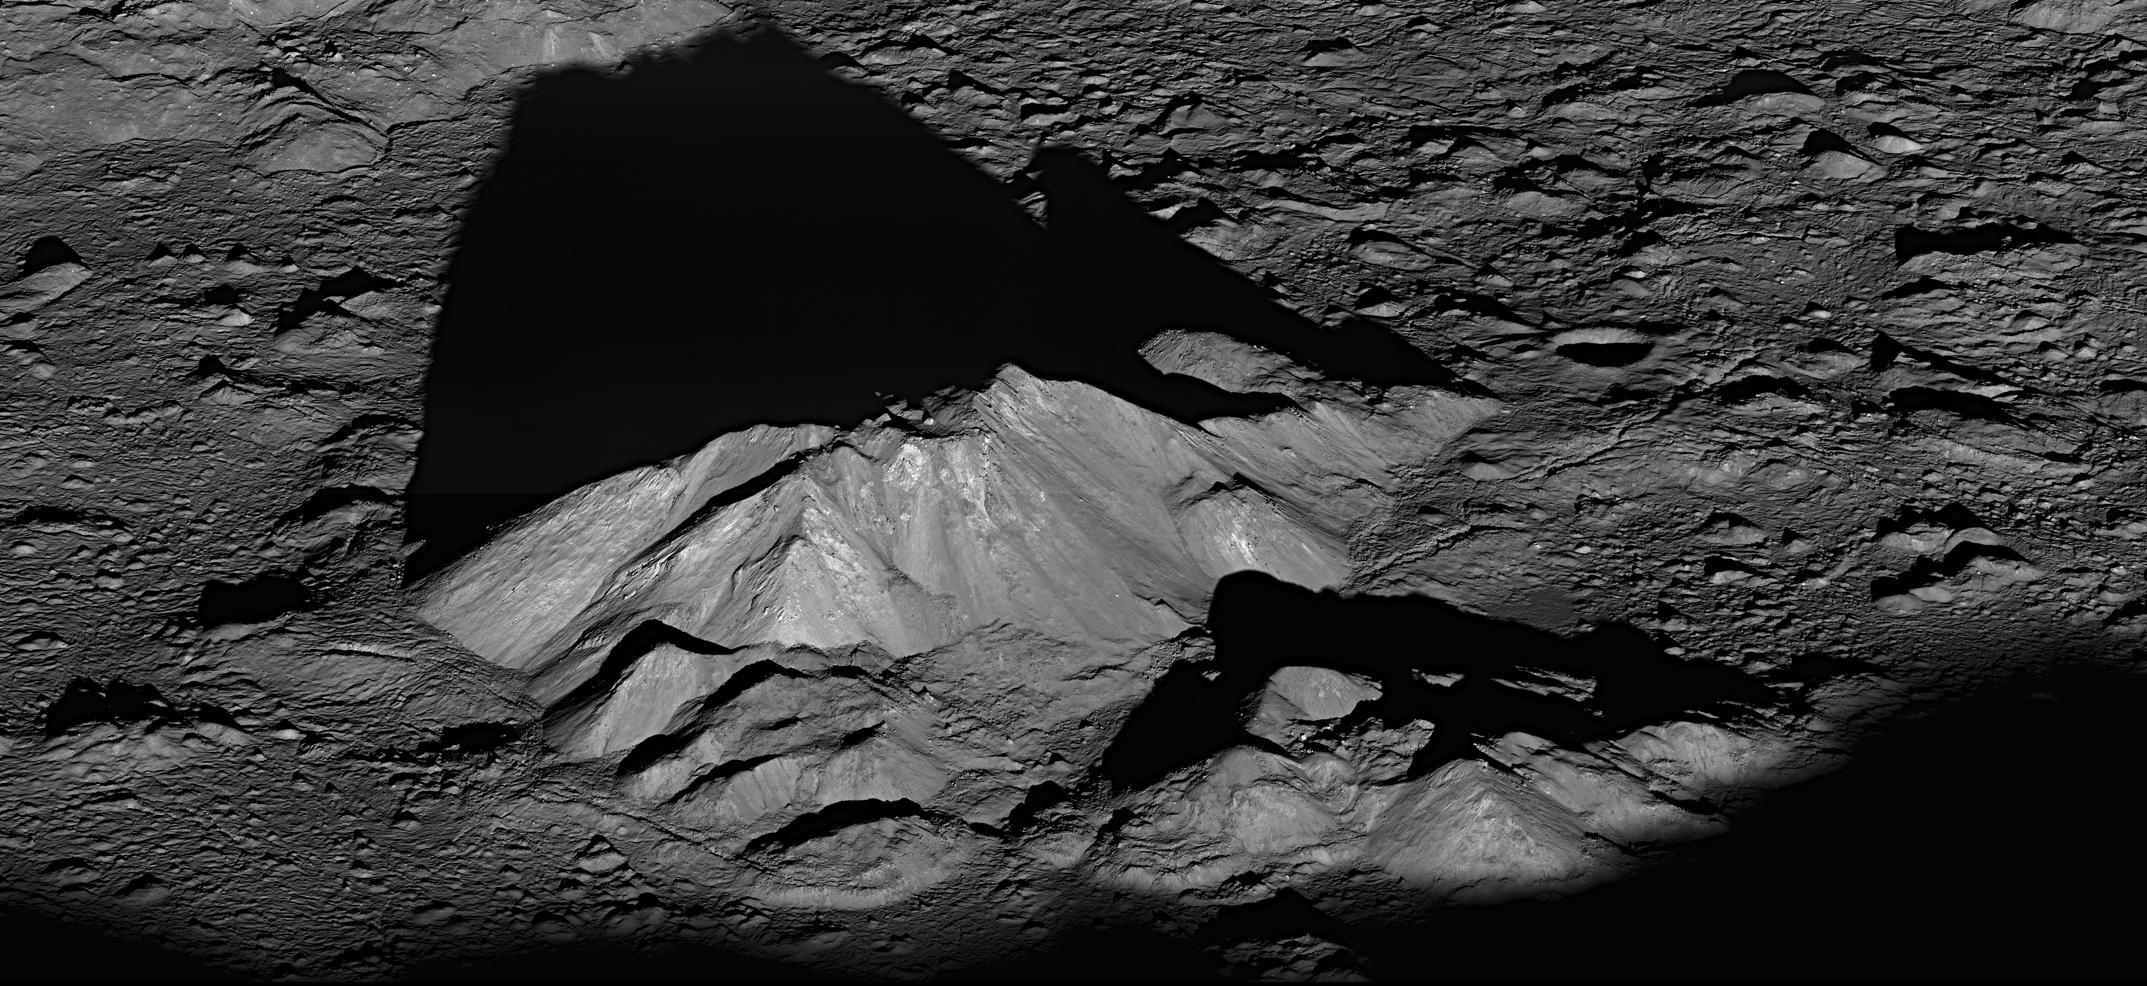 Лучший снимок аппарата LRO  - центральный пик кратера Тихо